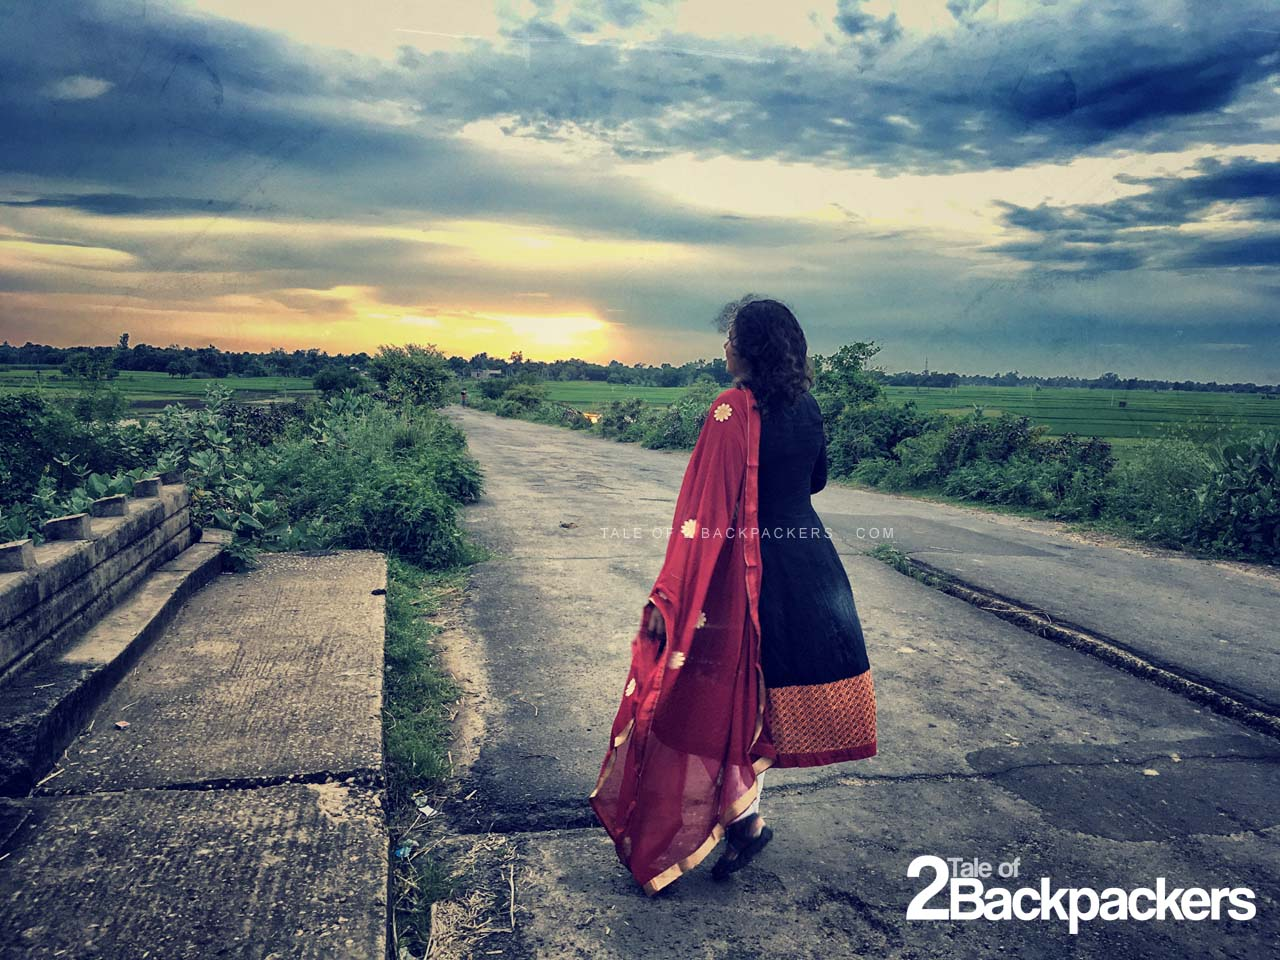 Best Travel Stories